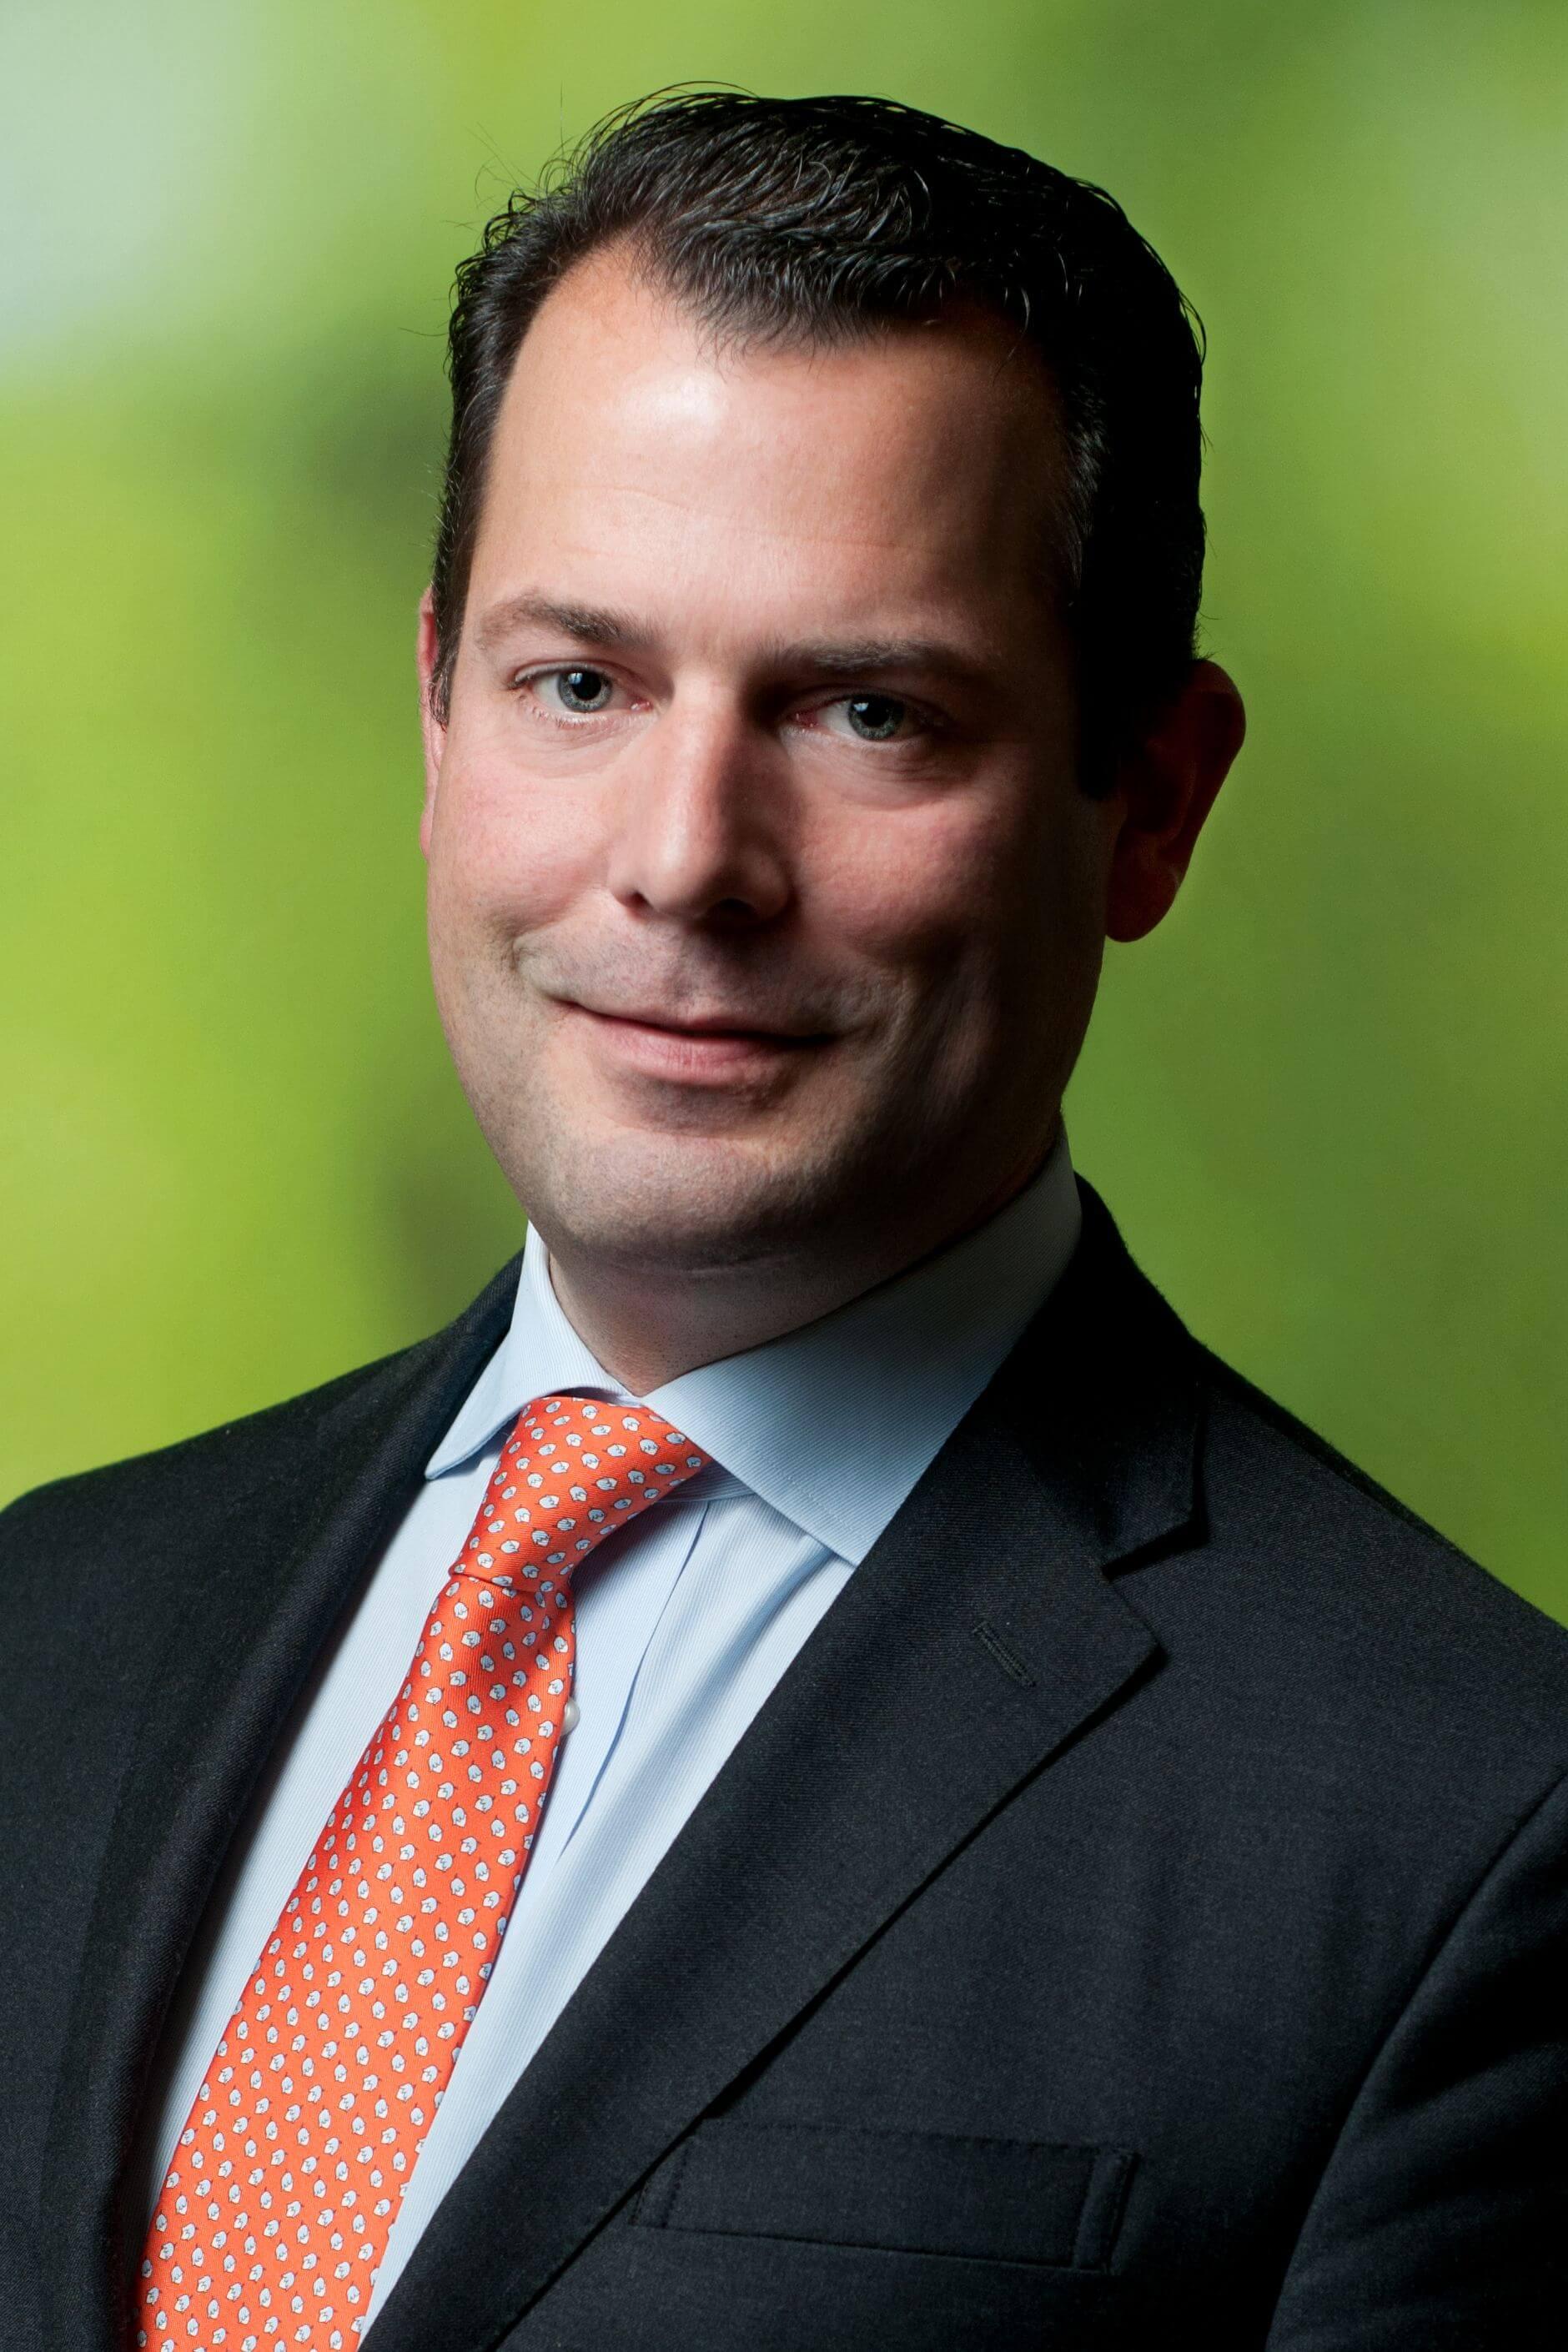 AGDW-Präsident Philipp Freiherr zu Guttenberg